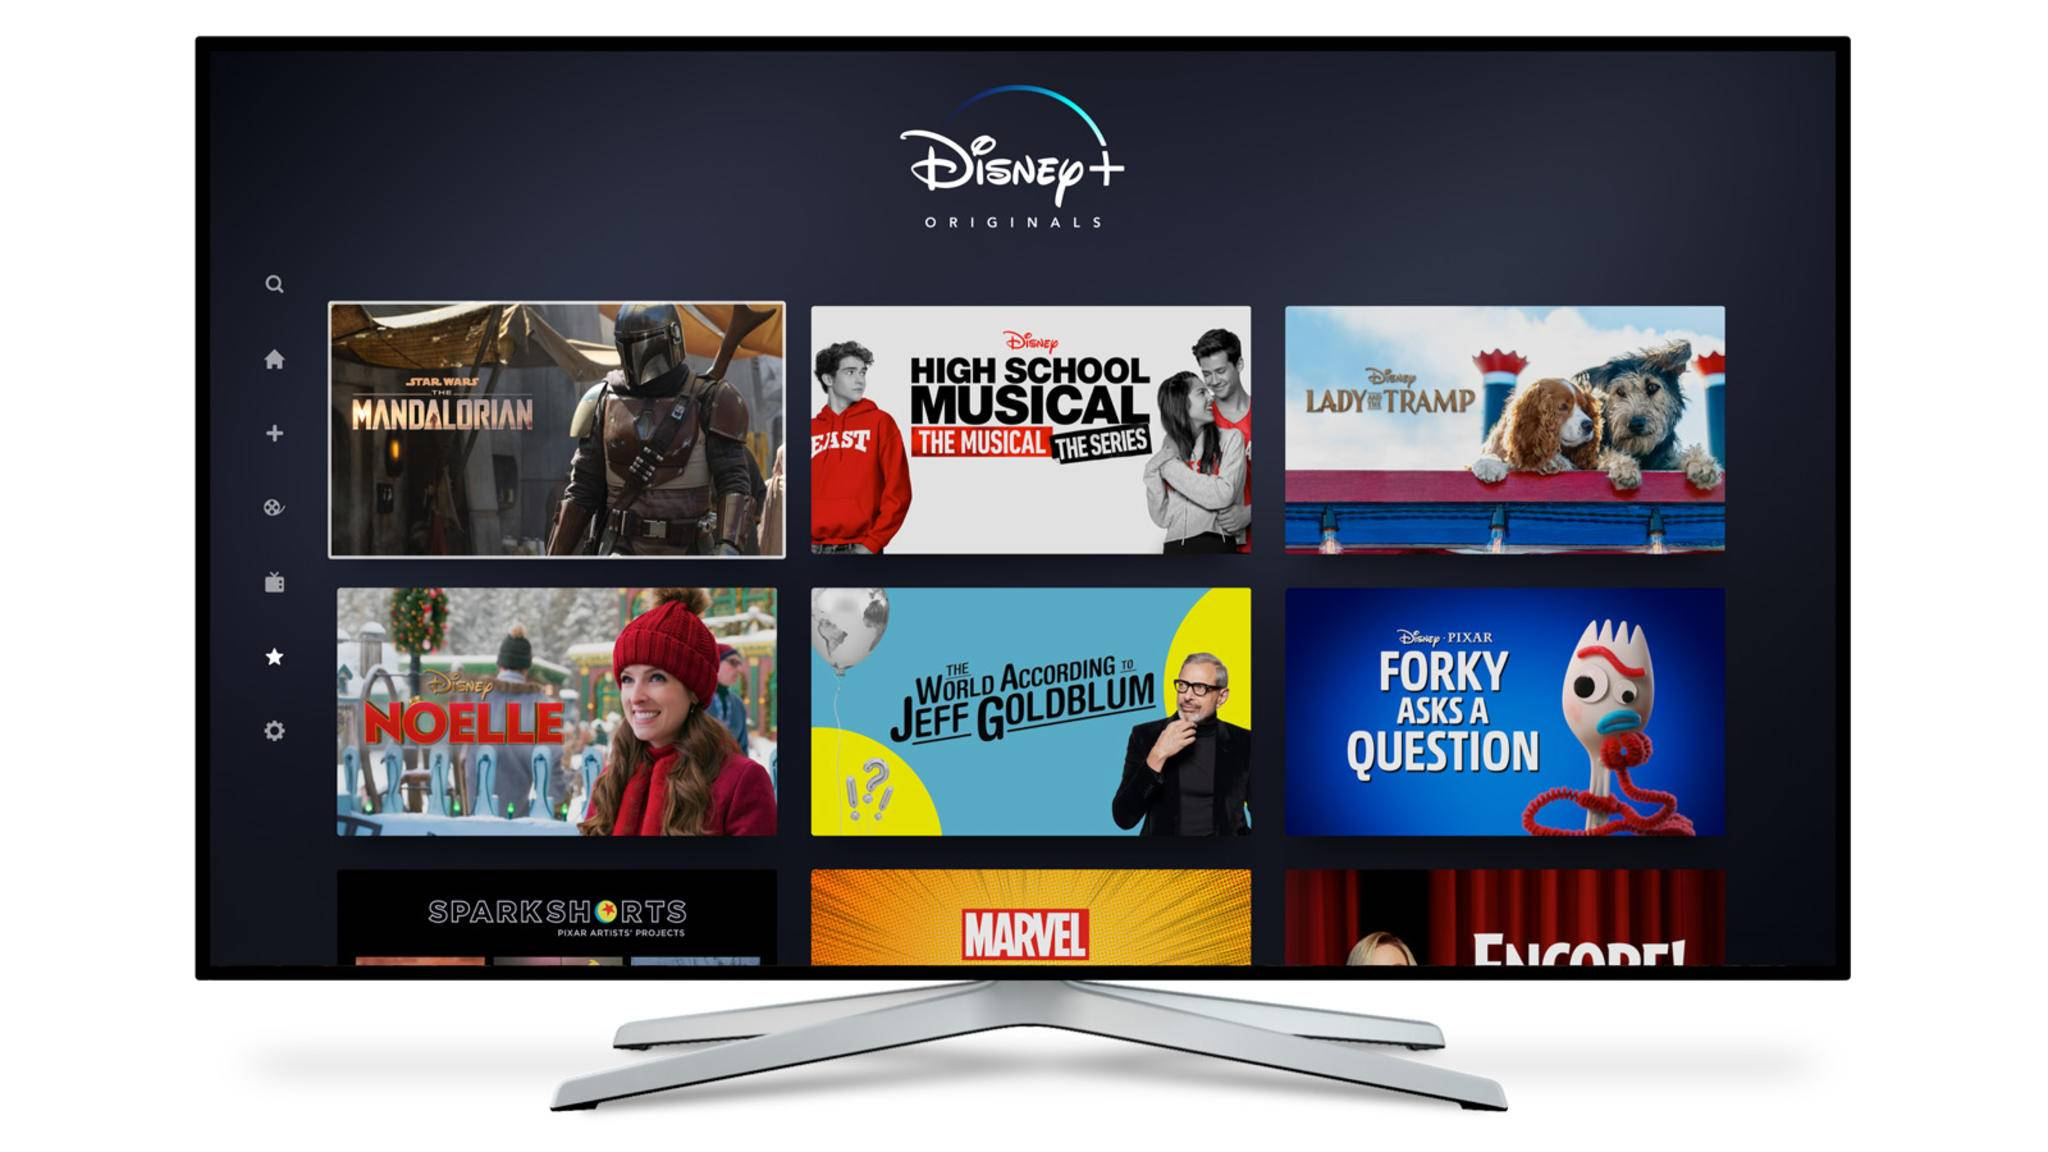 Gute Nachrichten: Für (fast) alle Inhalte von Disney+ stehen Untertitel zur Verfügung!